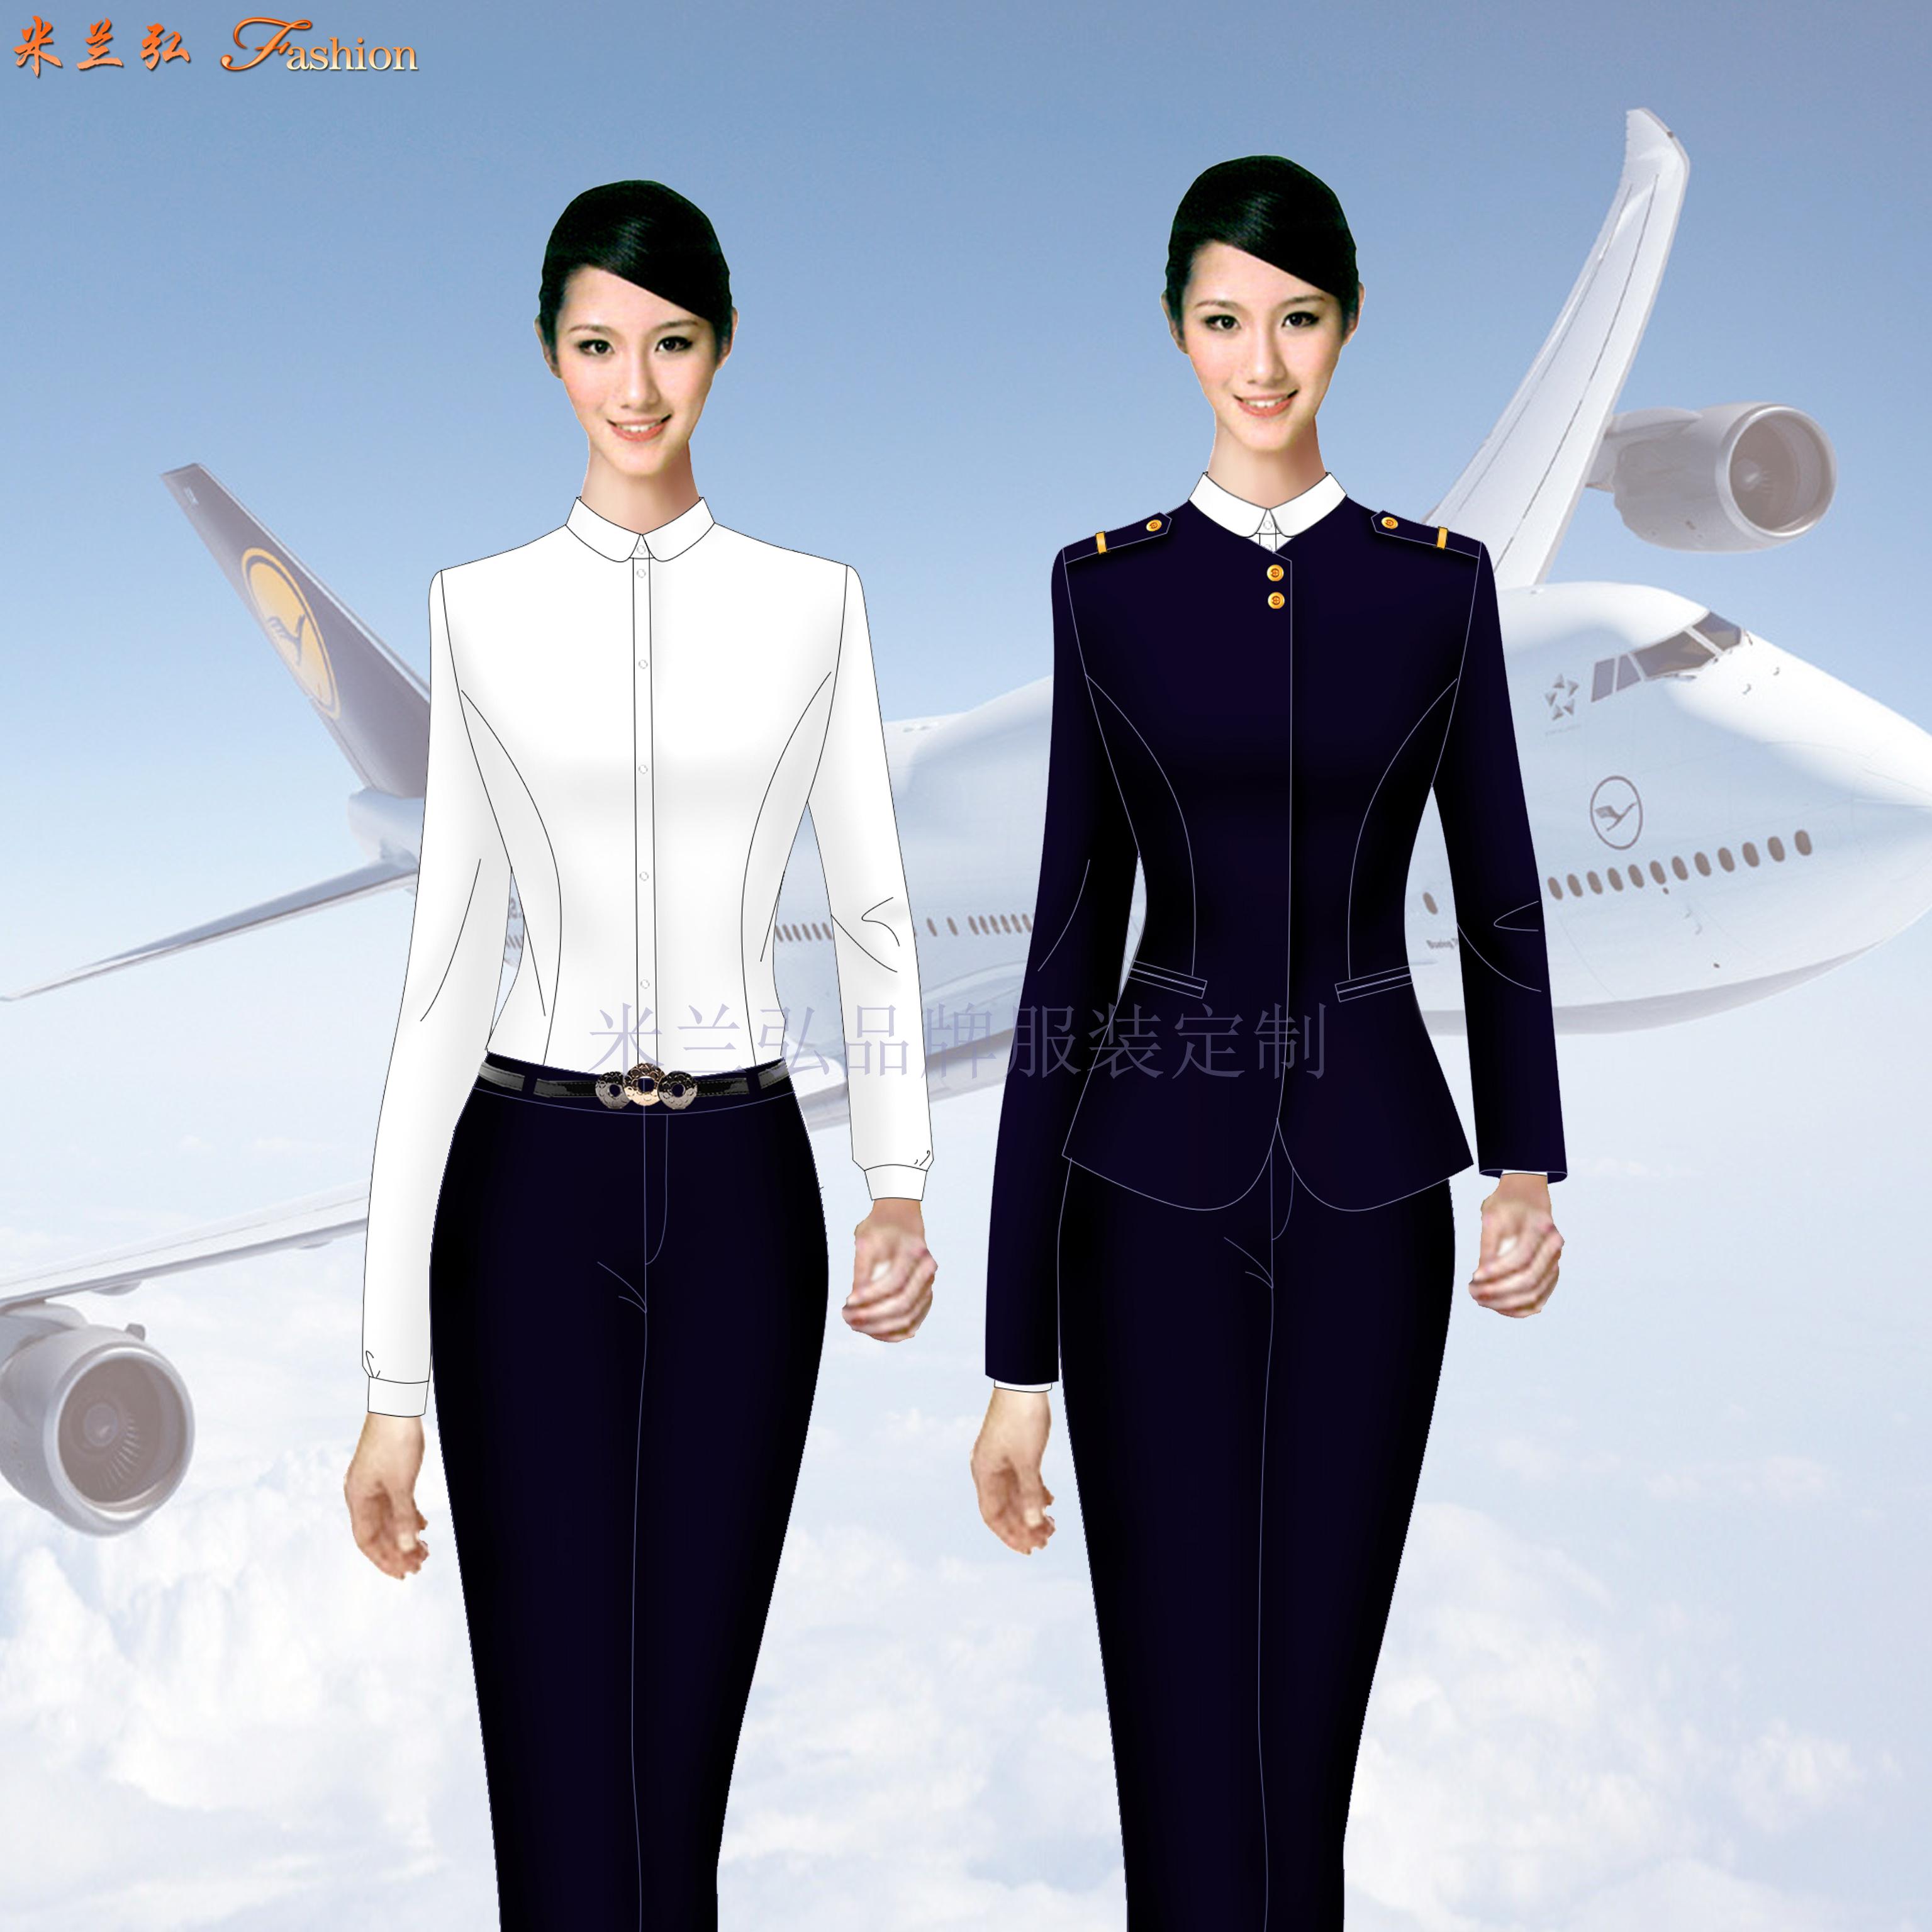 江西机场地勤服装-机场职业装定制-米兰弘服装-2